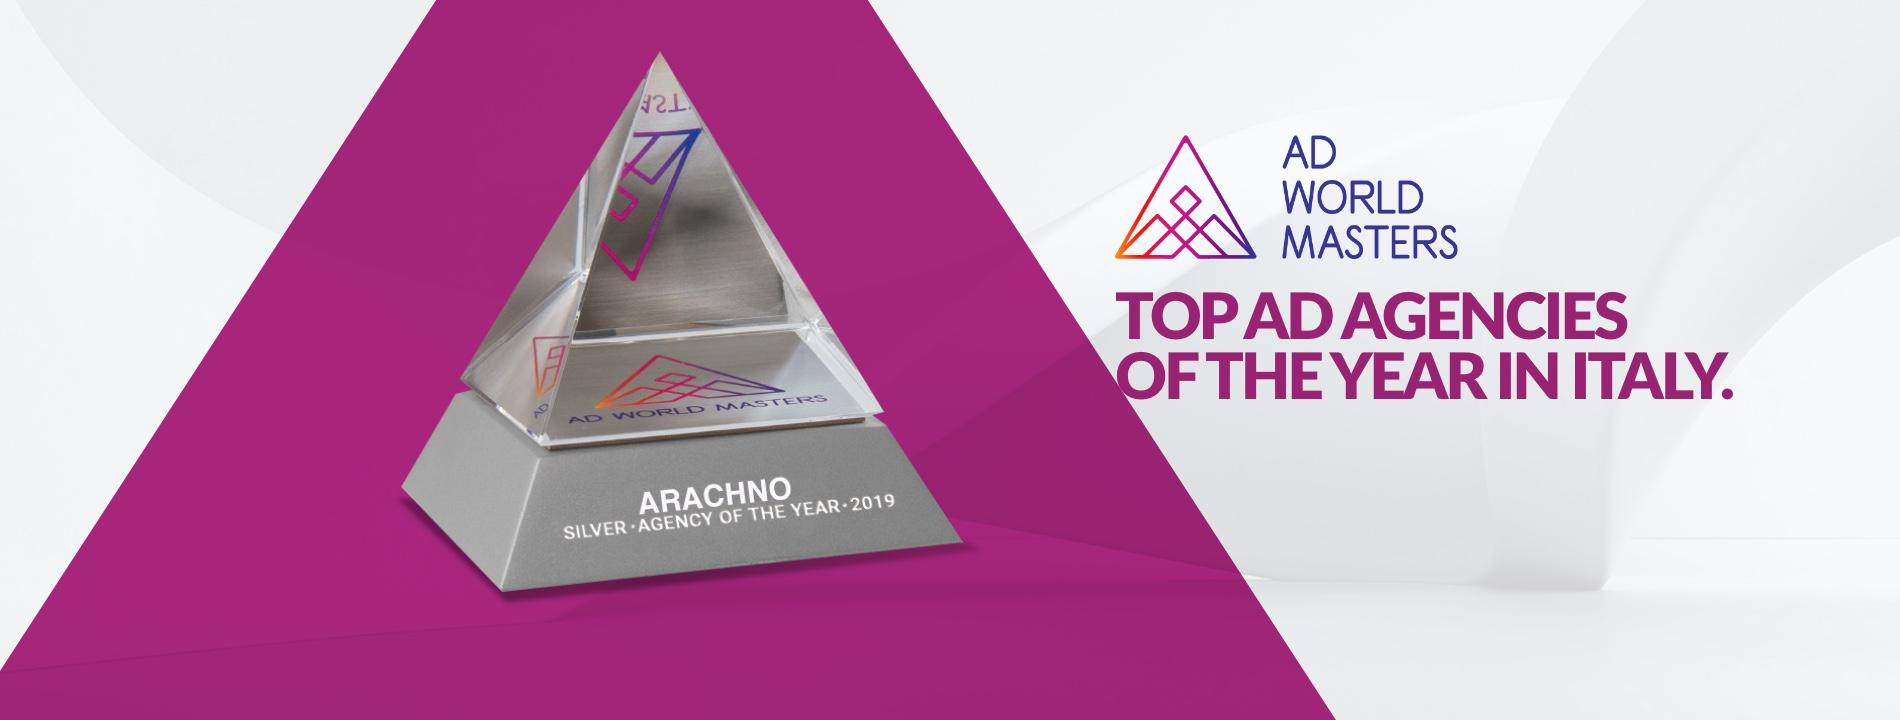 Arachno Silver Award agli AD World Masters 2019